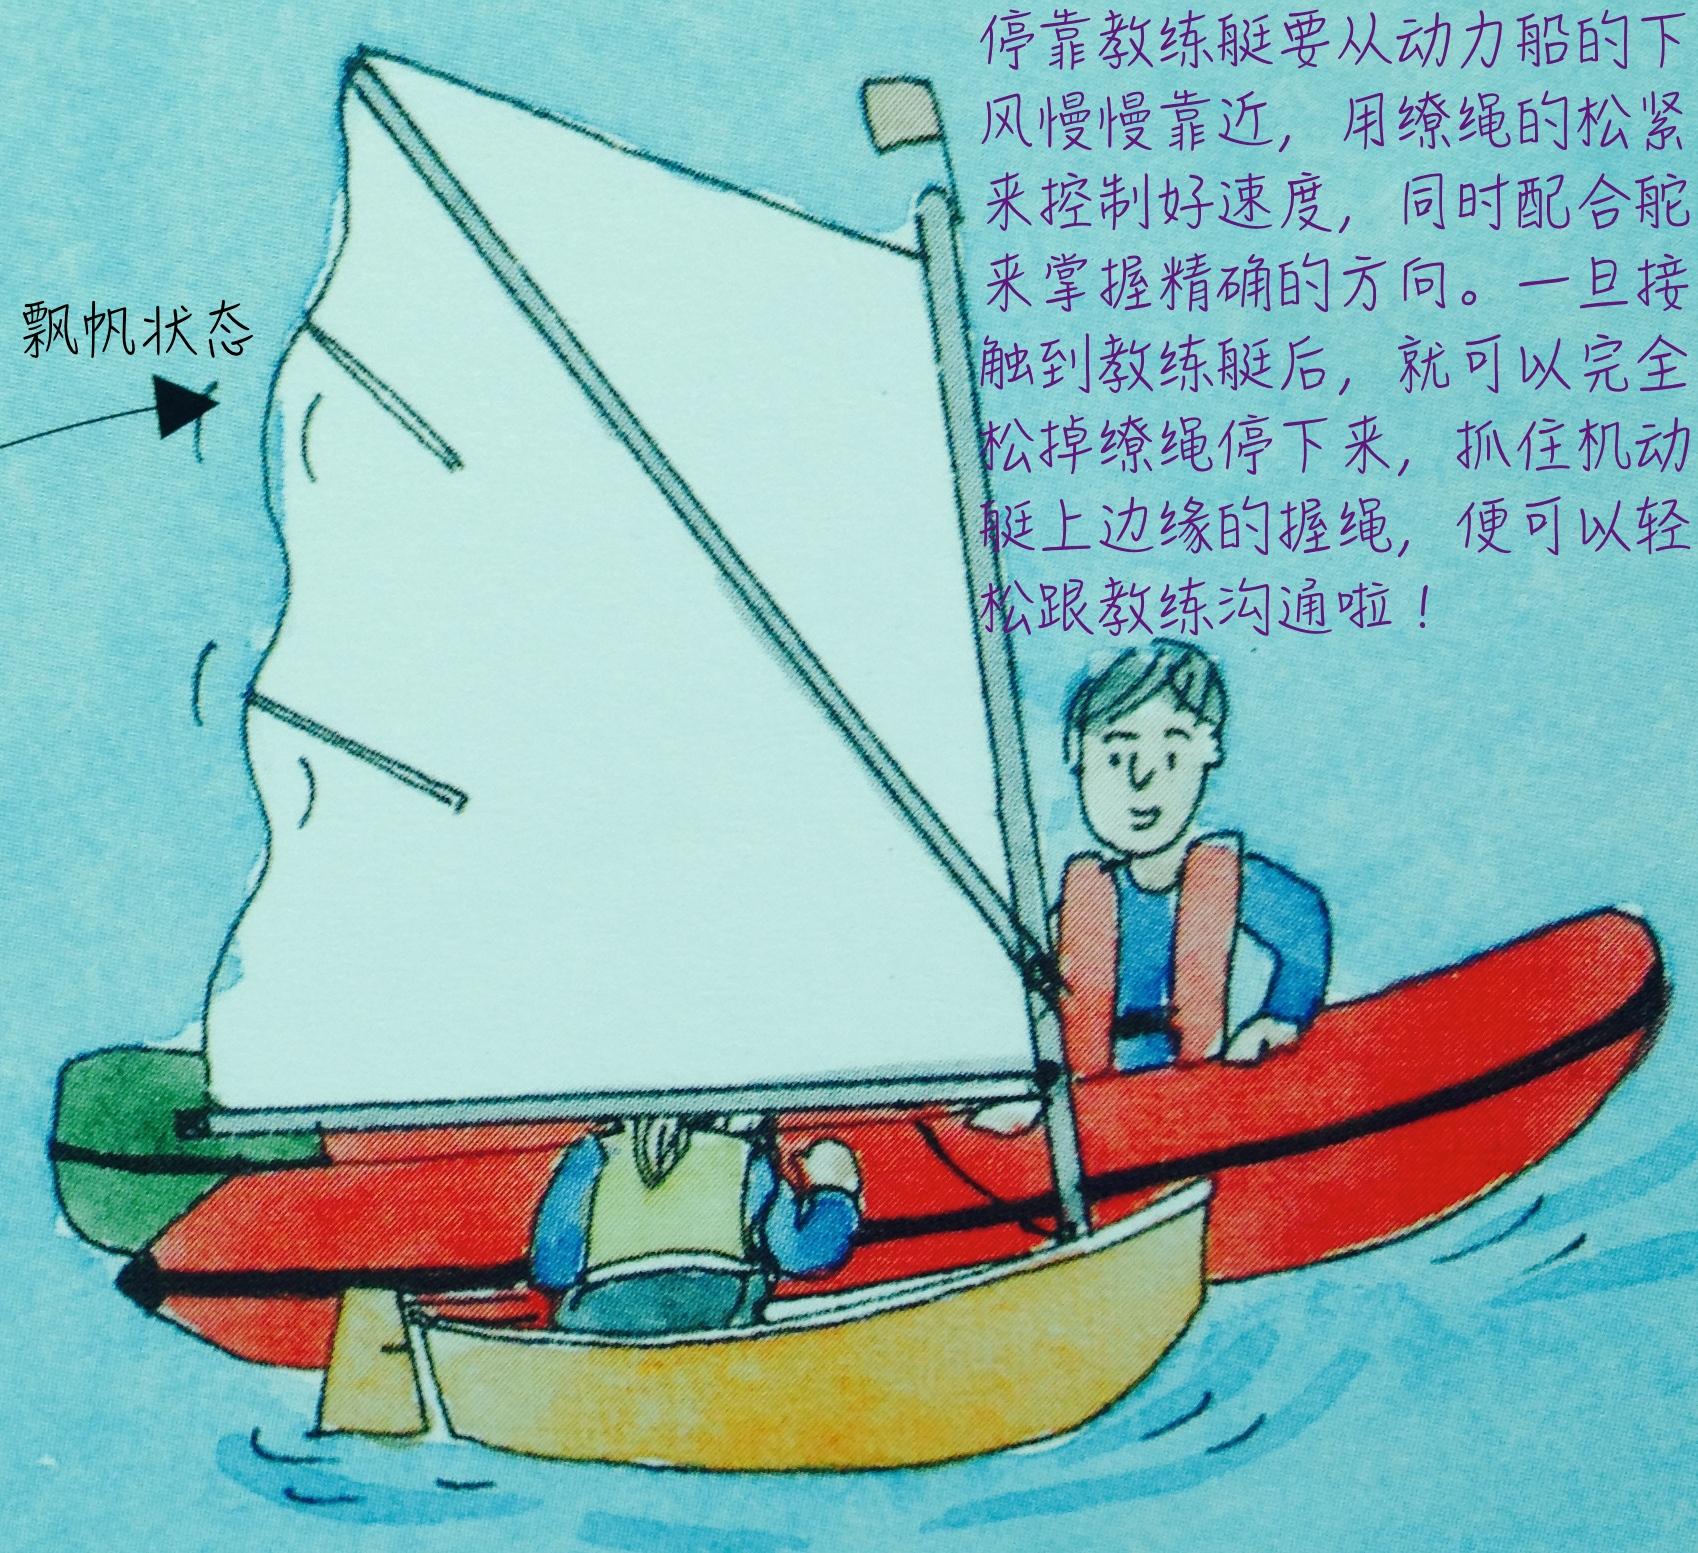 帆船没有刹车控制,所以就需要通过技巧来使船只根据我们想要的状态减速或停止。 13d.jpg